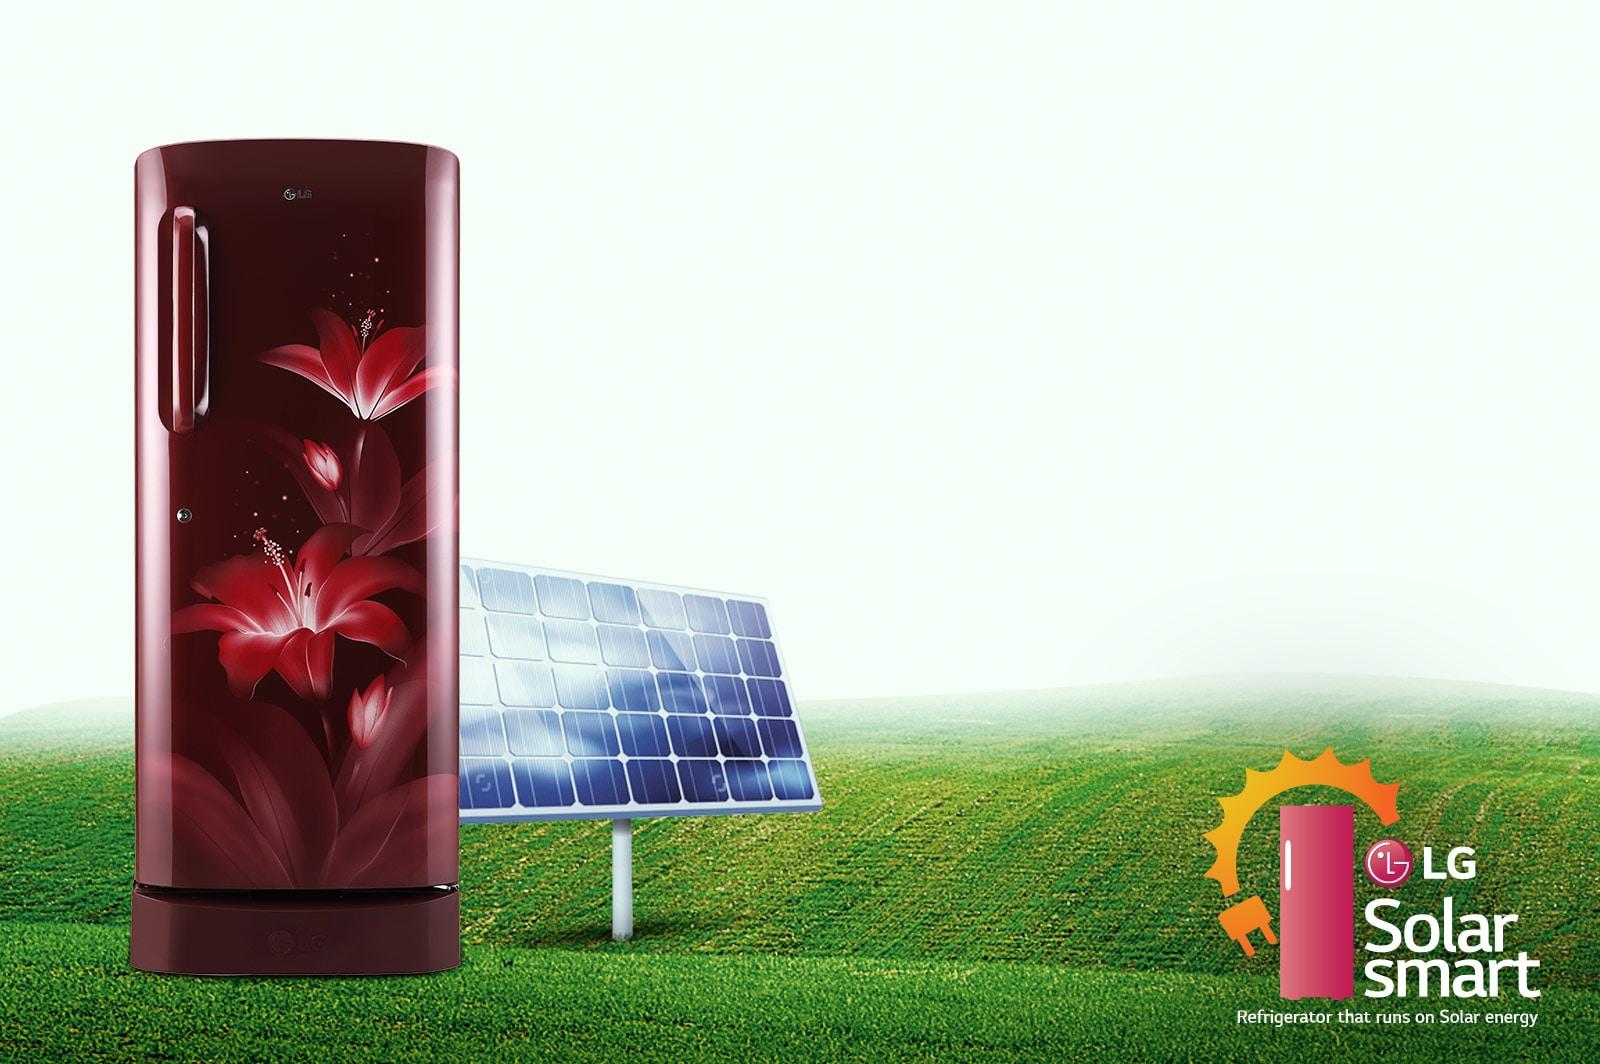 LG GL-B201ASCY 190 ltr solar smart